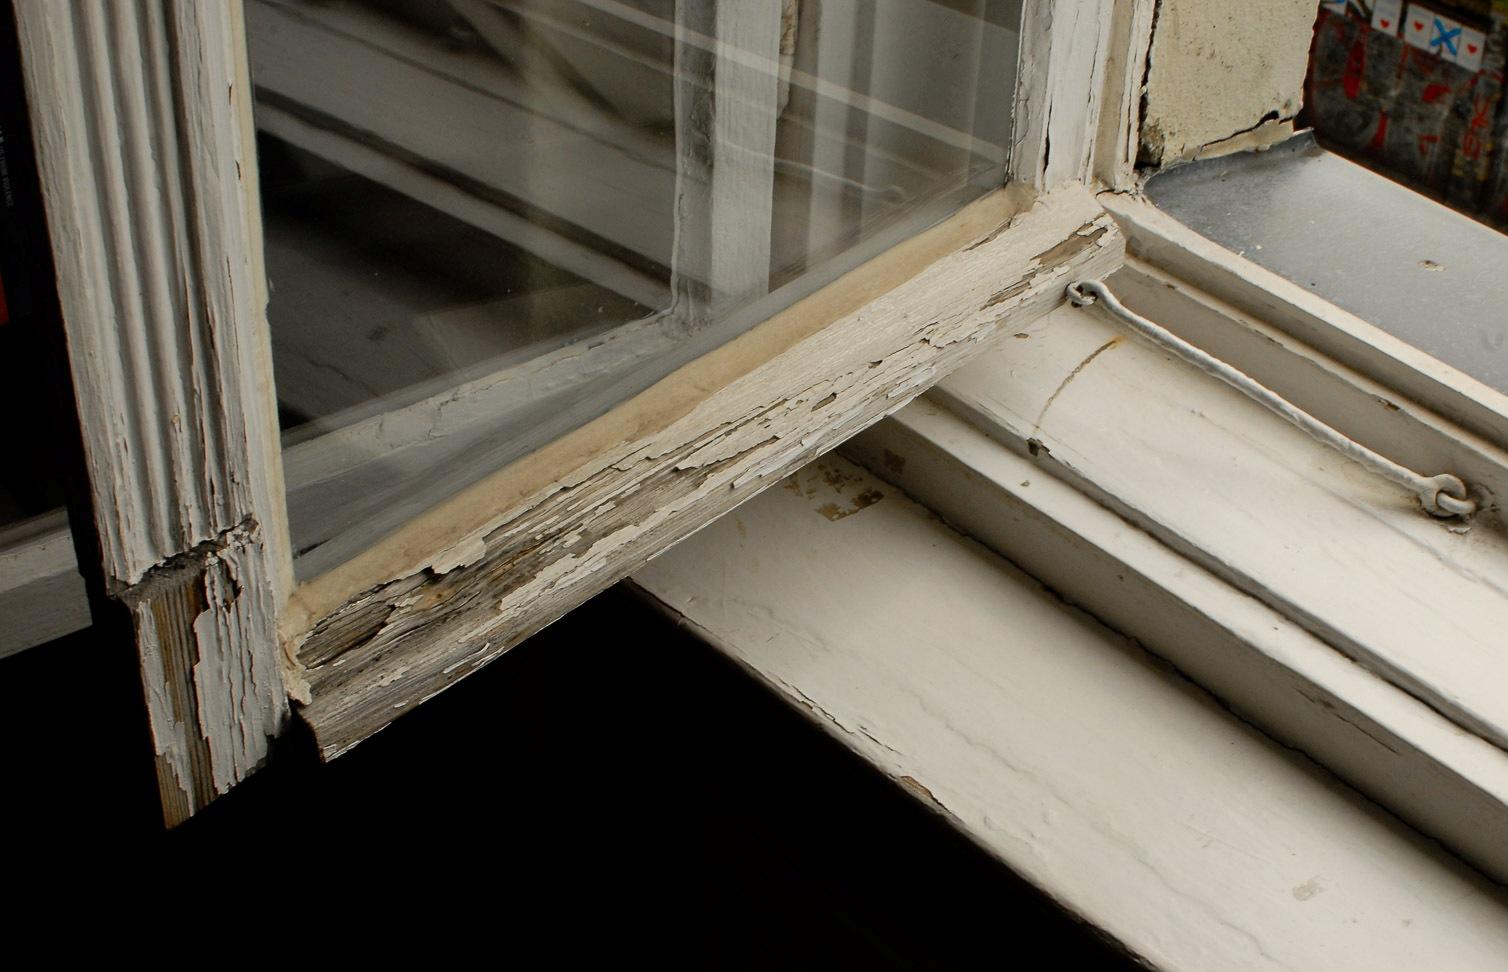 Fortgeschrittene Fäulnis an einem alten Holzfenster